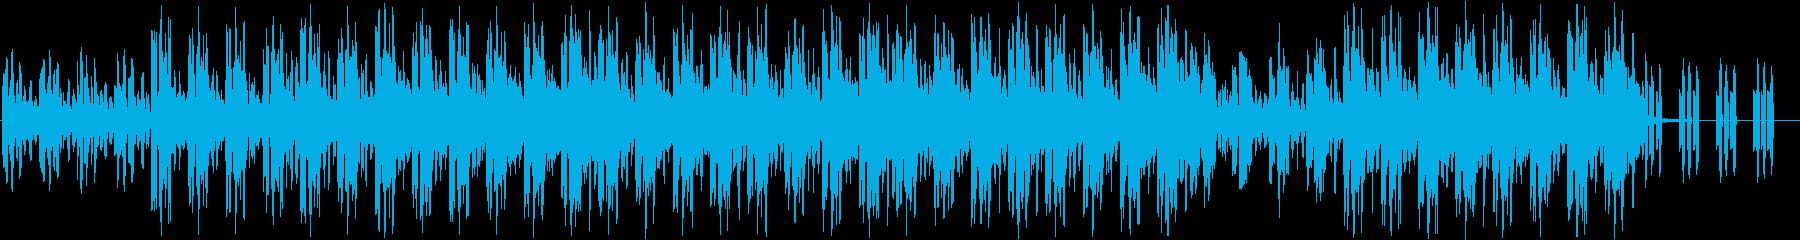 アンニュイなチルアウトの再生済みの波形